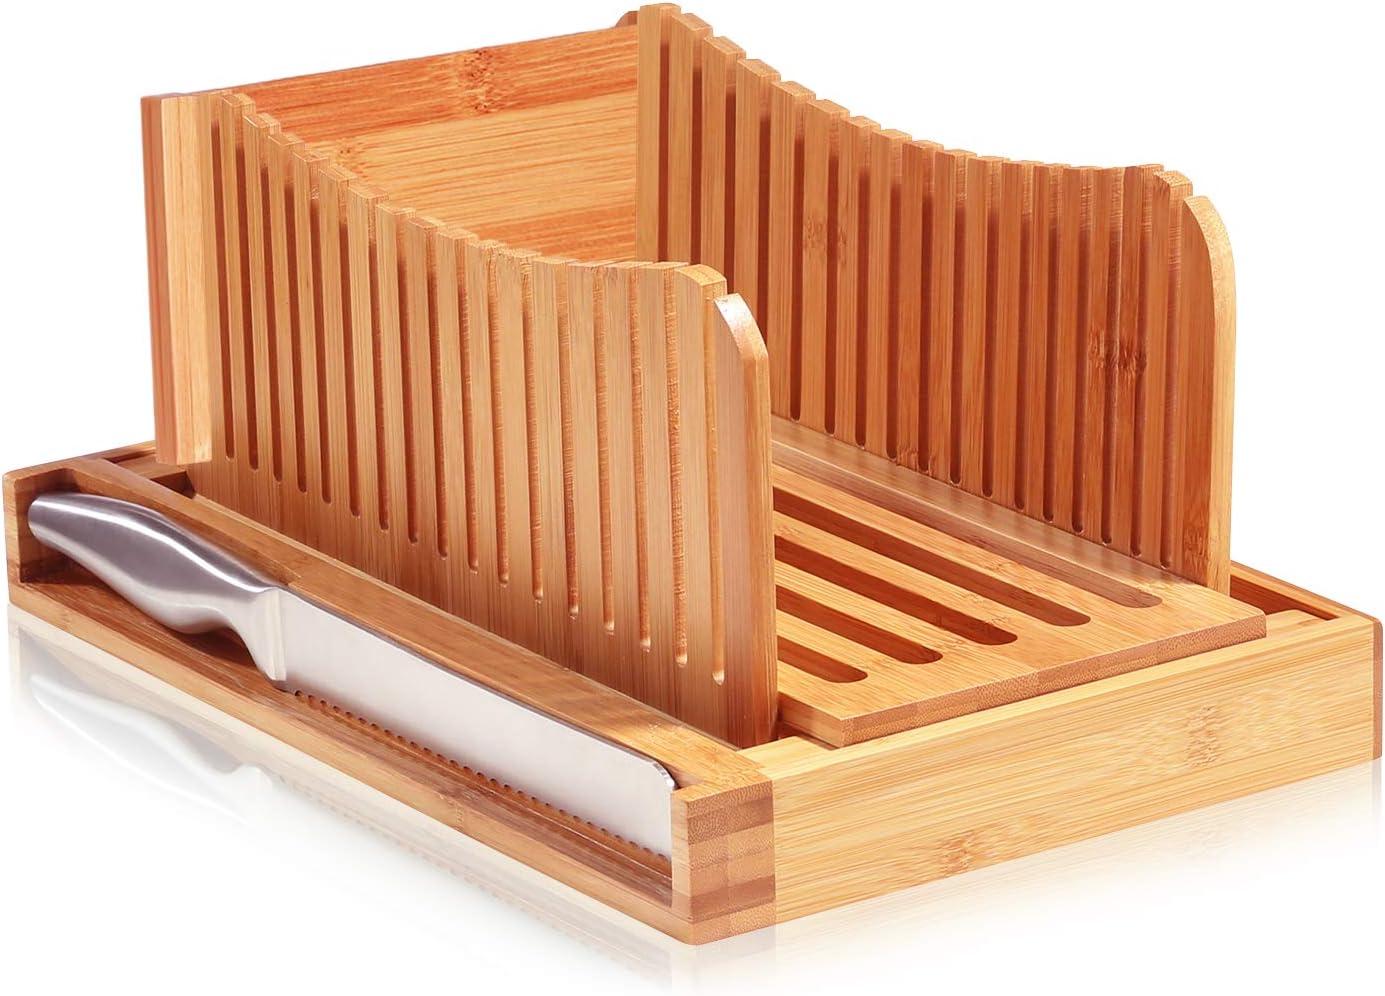 Trancheuse /à pain Vangonee en bambou pliable guide de tranches de pain pliable pour le petit d/éjeuner /à la maison